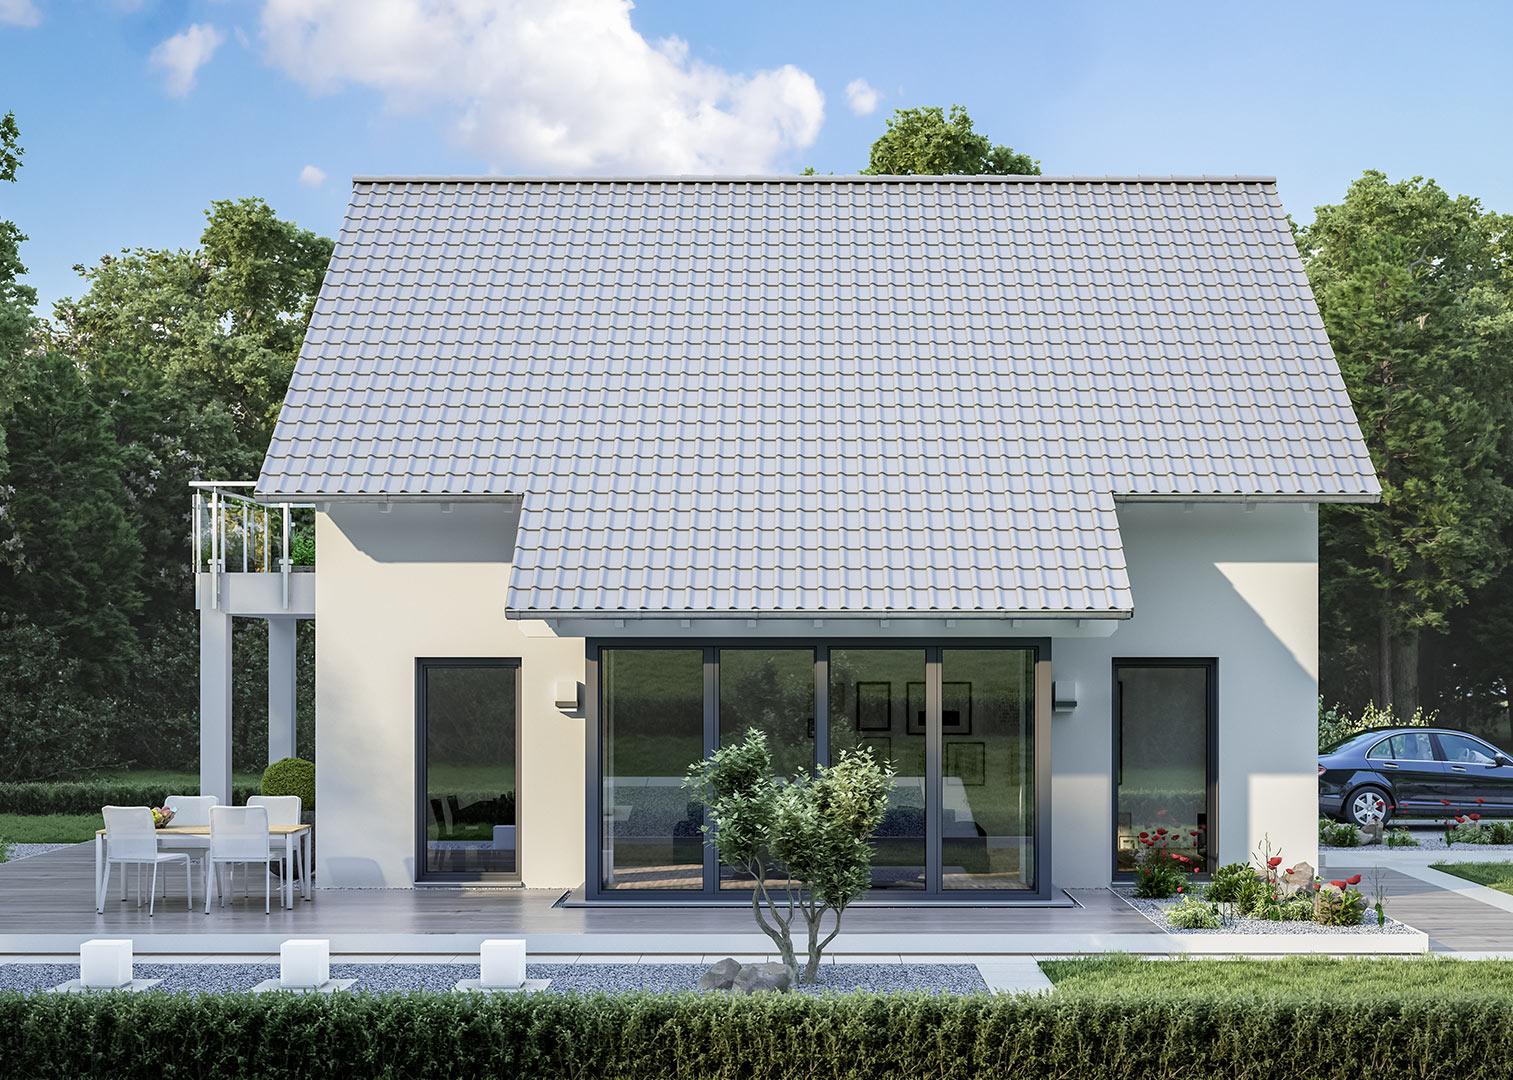 massa-einfamilienhaus-lifestyle-14-04-s-bild-4